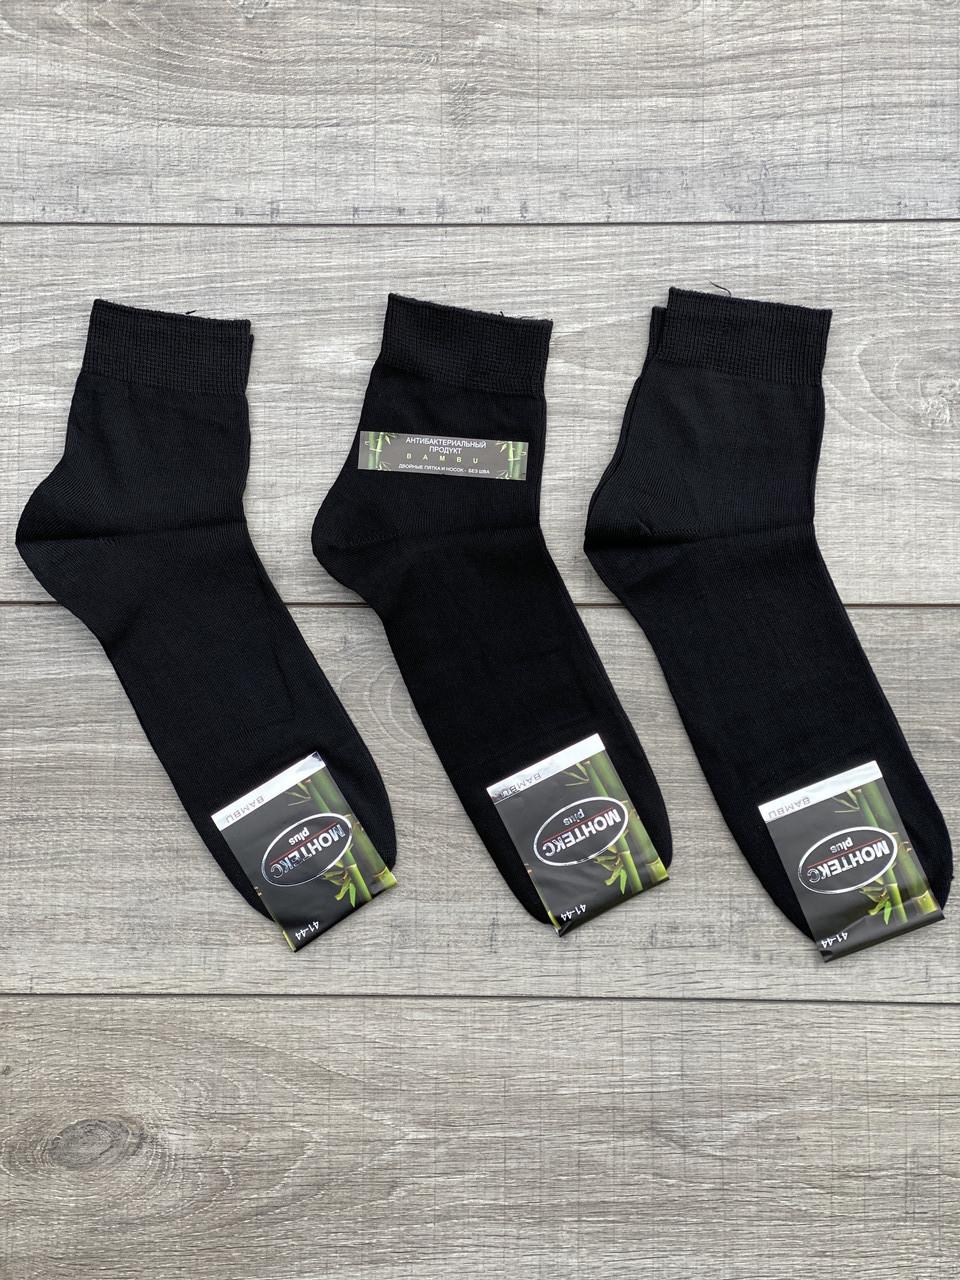 Чоловічі шкарпетки носки середні бамбук Монтекс однотонні безшовні 200 голок 41-44 12 шт в уп мікс кольорів